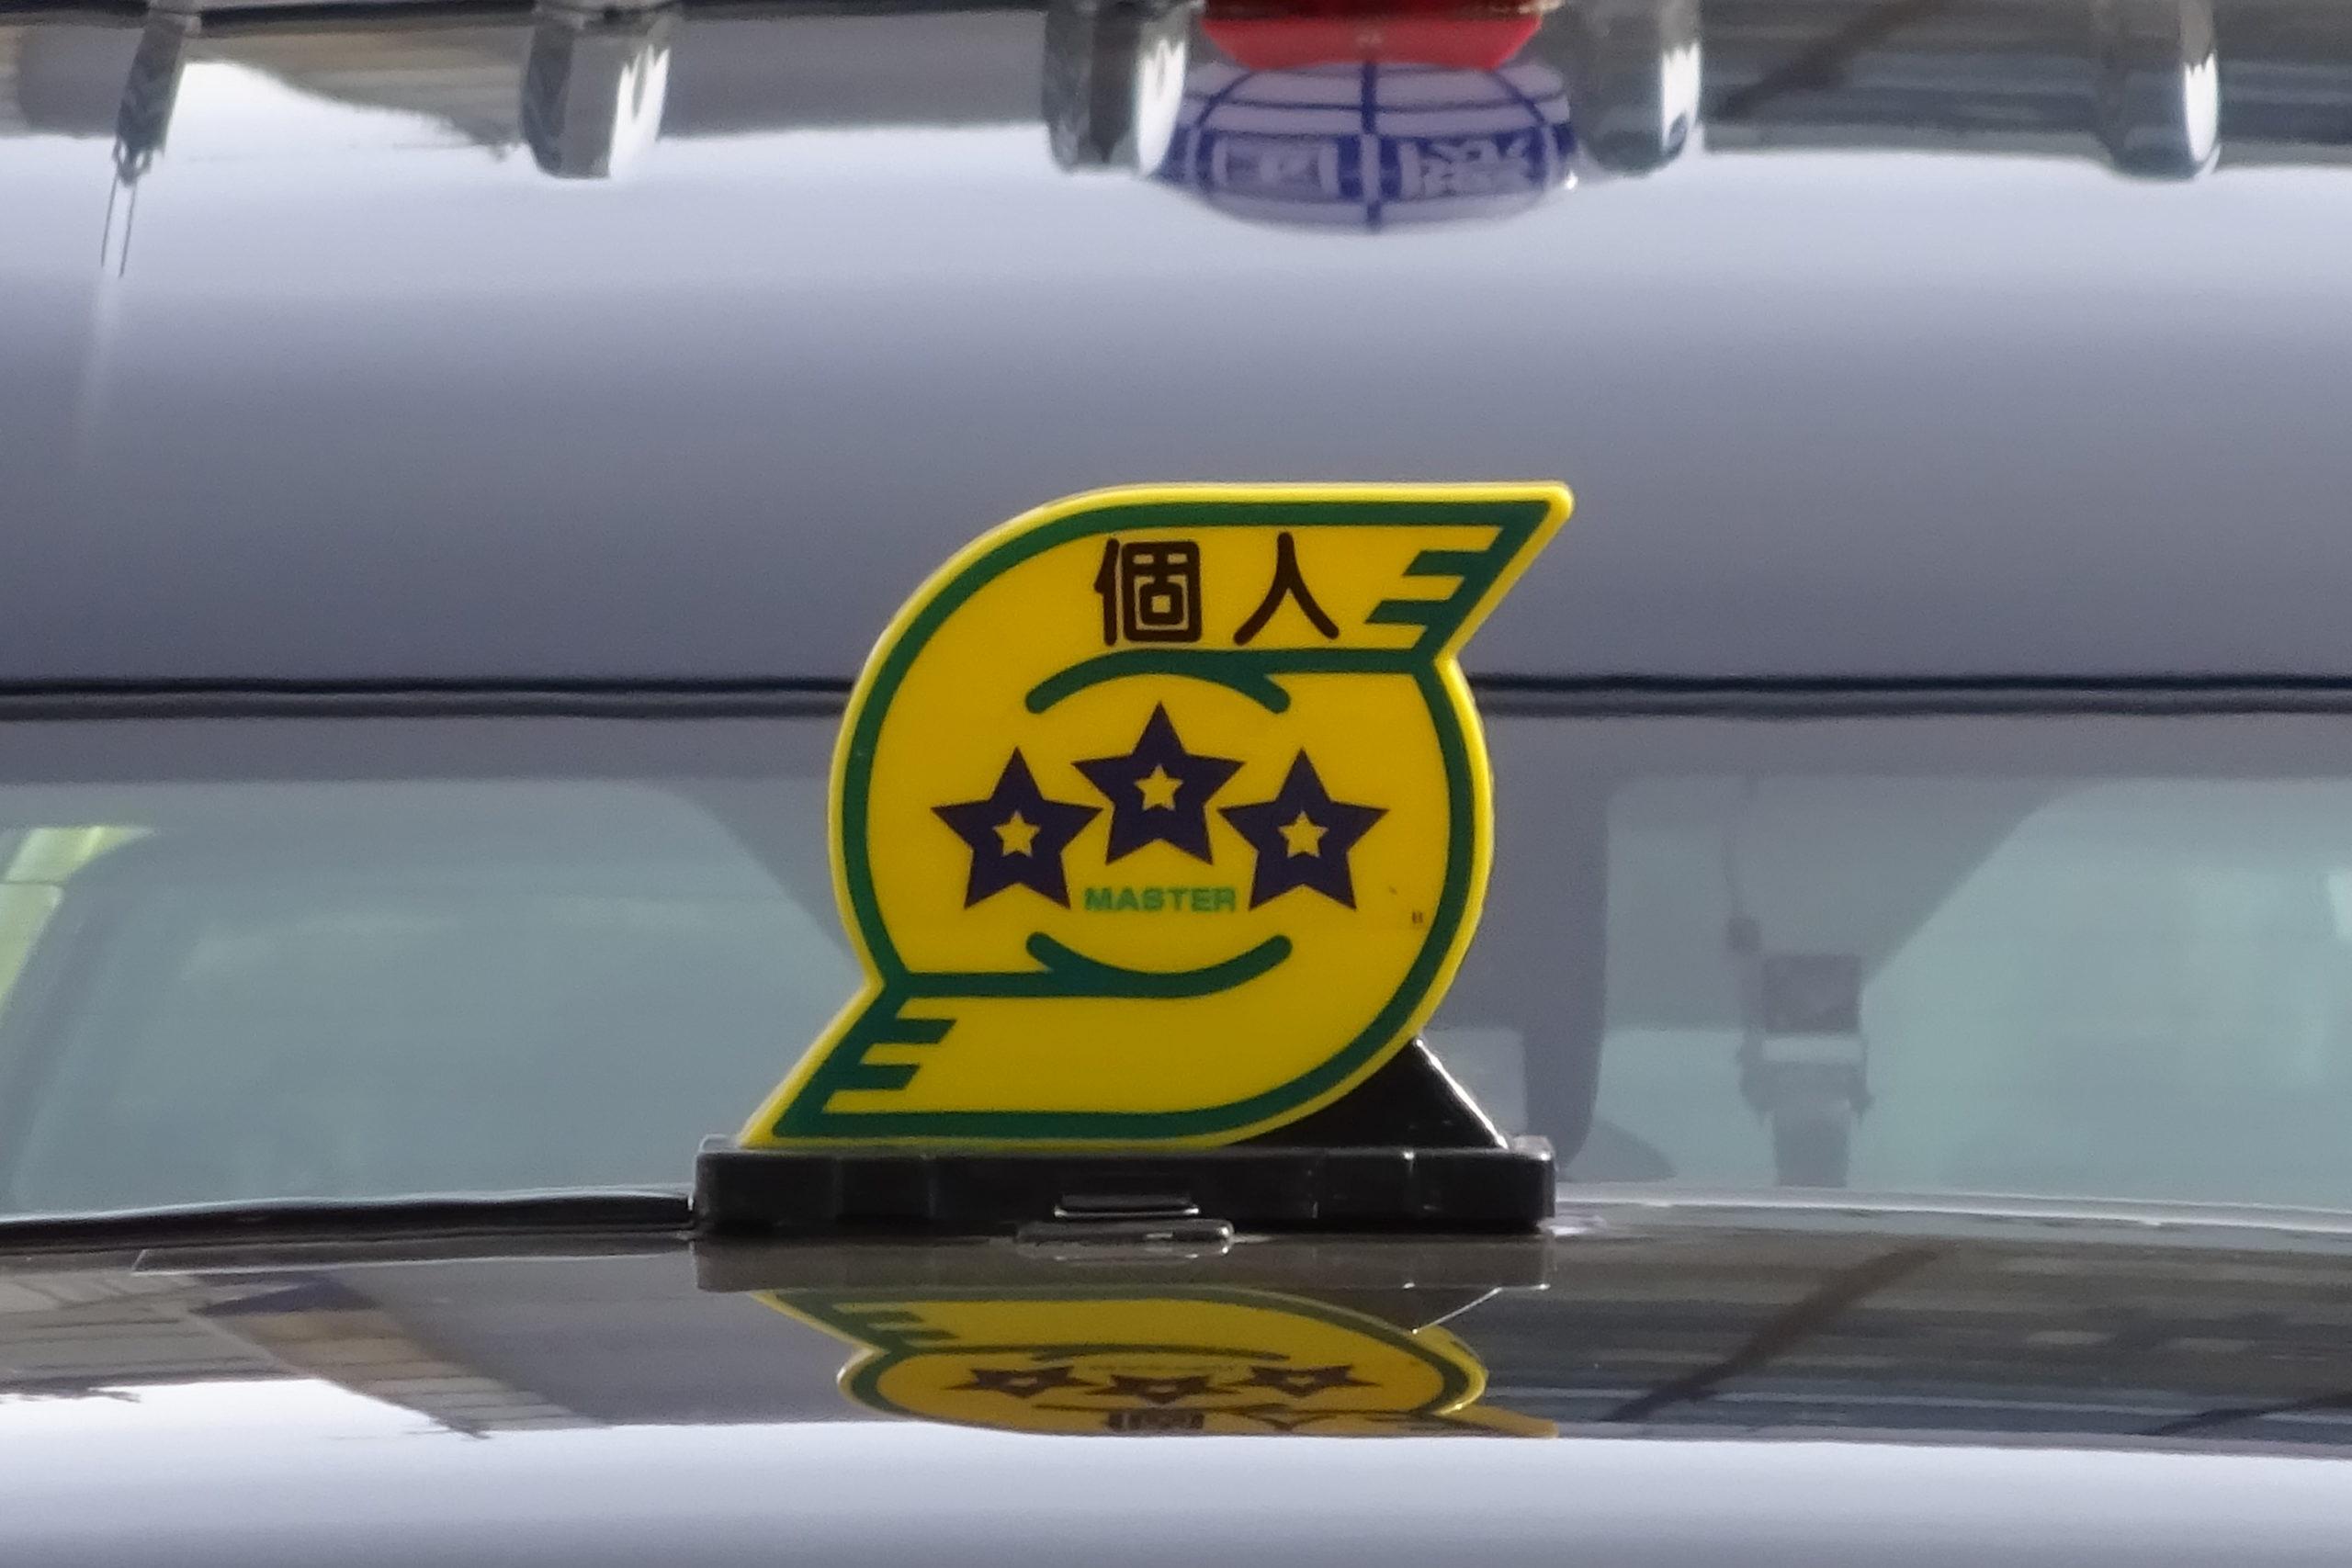 優良個人タクシーを証明するマスターズ制度のみつ星